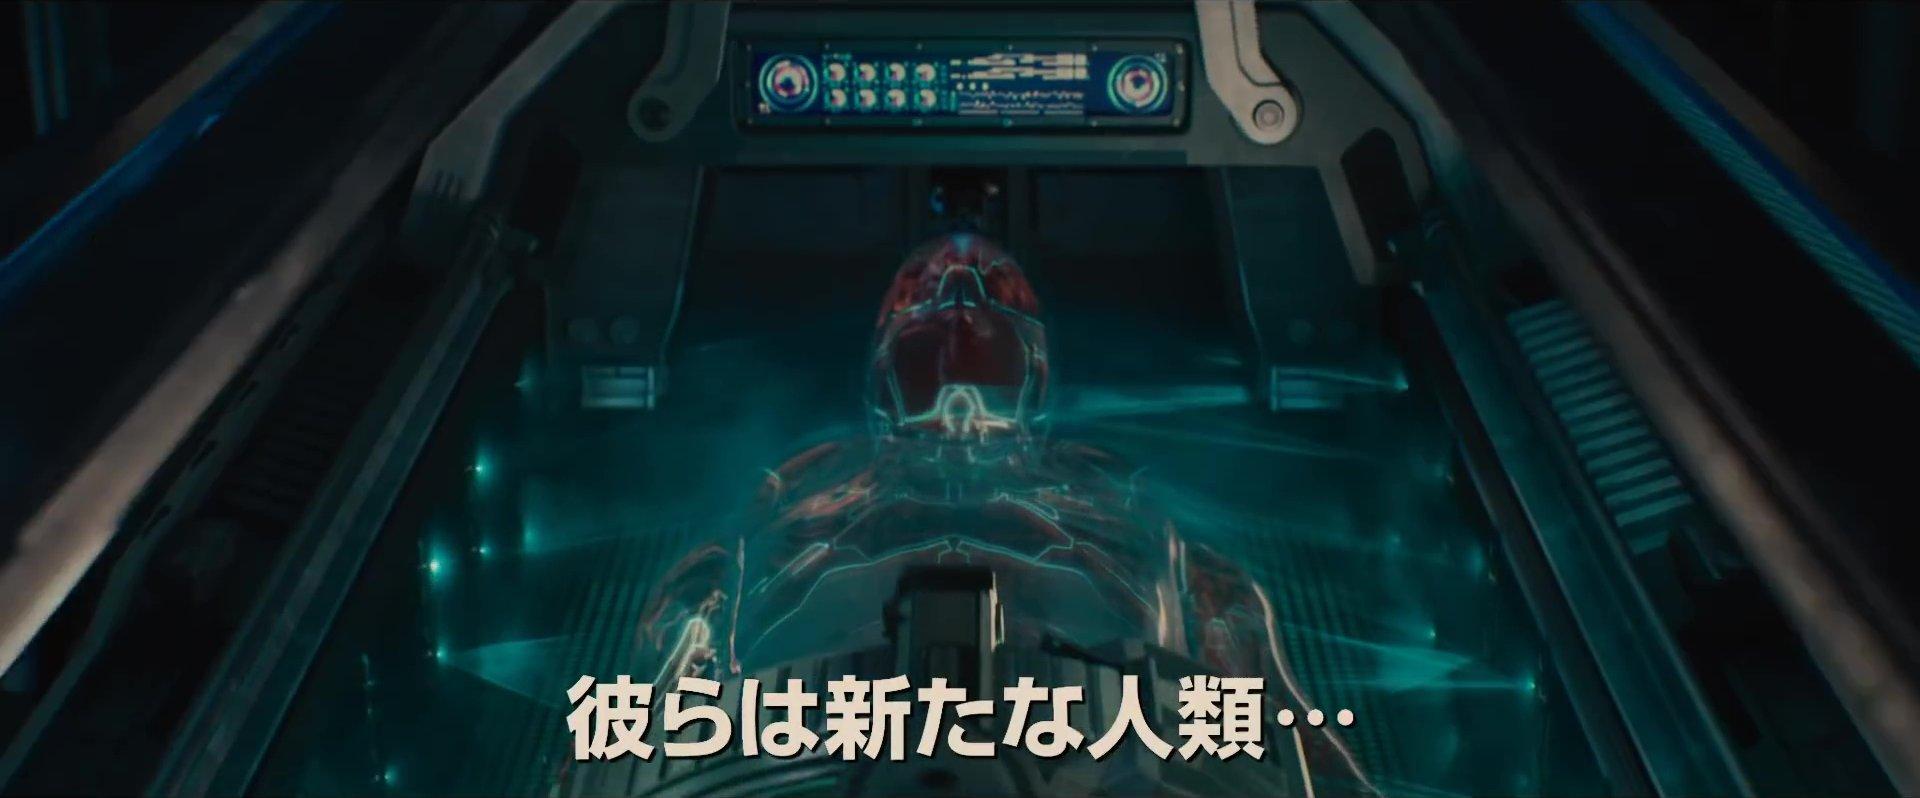 『アベンジャーズ エイジ・オブ・ウルトロン』予告編より ウルトロン